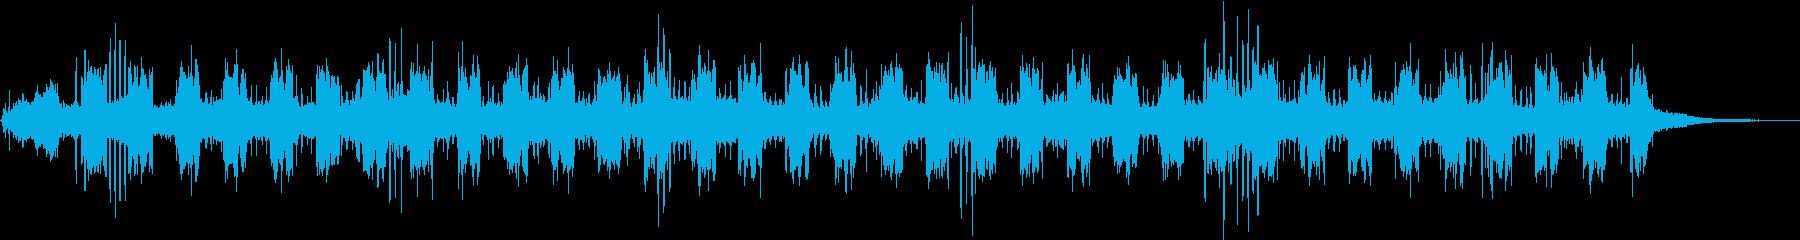 虫の声 水辺 川の再生済みの波形